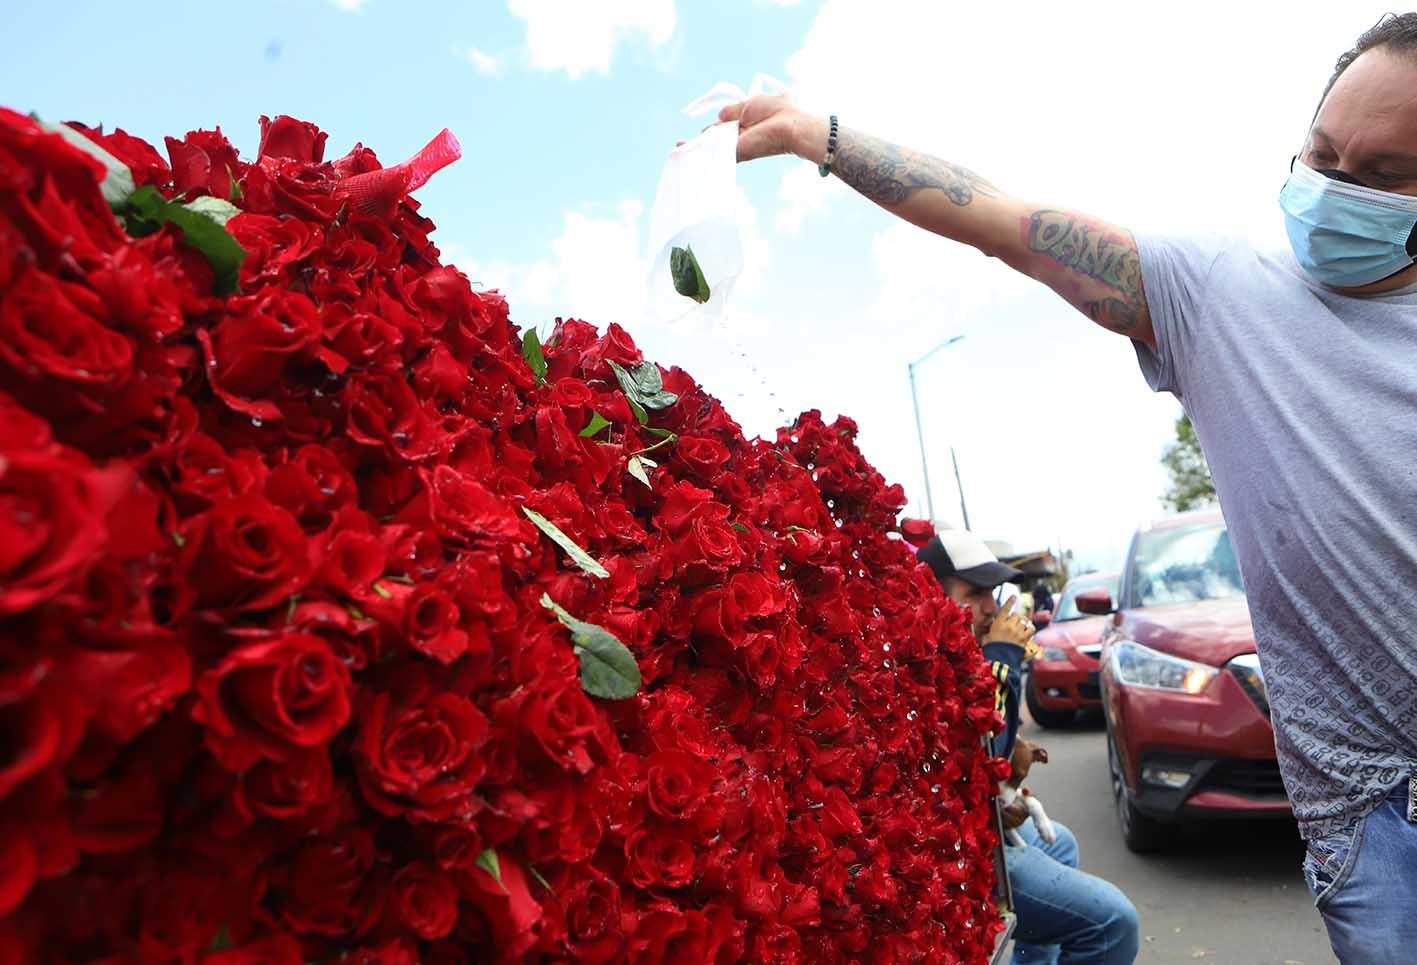 Día de la Madre: vendedores de flores en Bogotá aumentaron sus ventas | RCN Radio